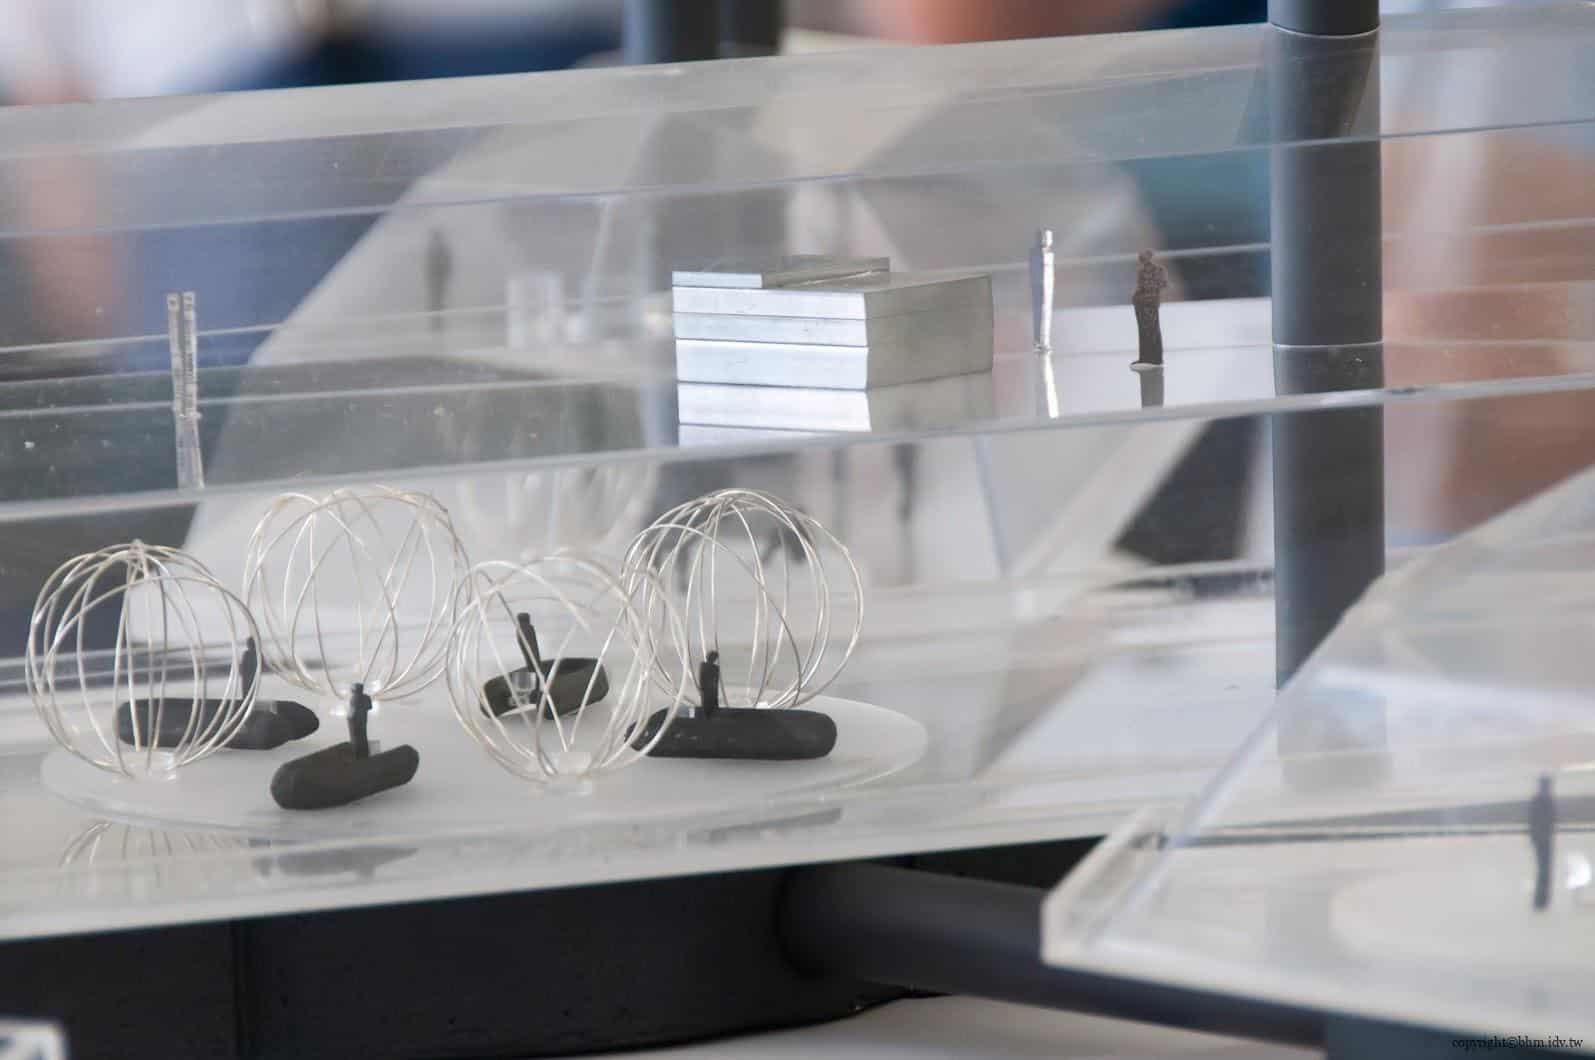 南極雙年展-FRAM號2 模糊的記憶 模糊的記憶/南極雙年展-FRAM號2 antarctic biennale fram2 02